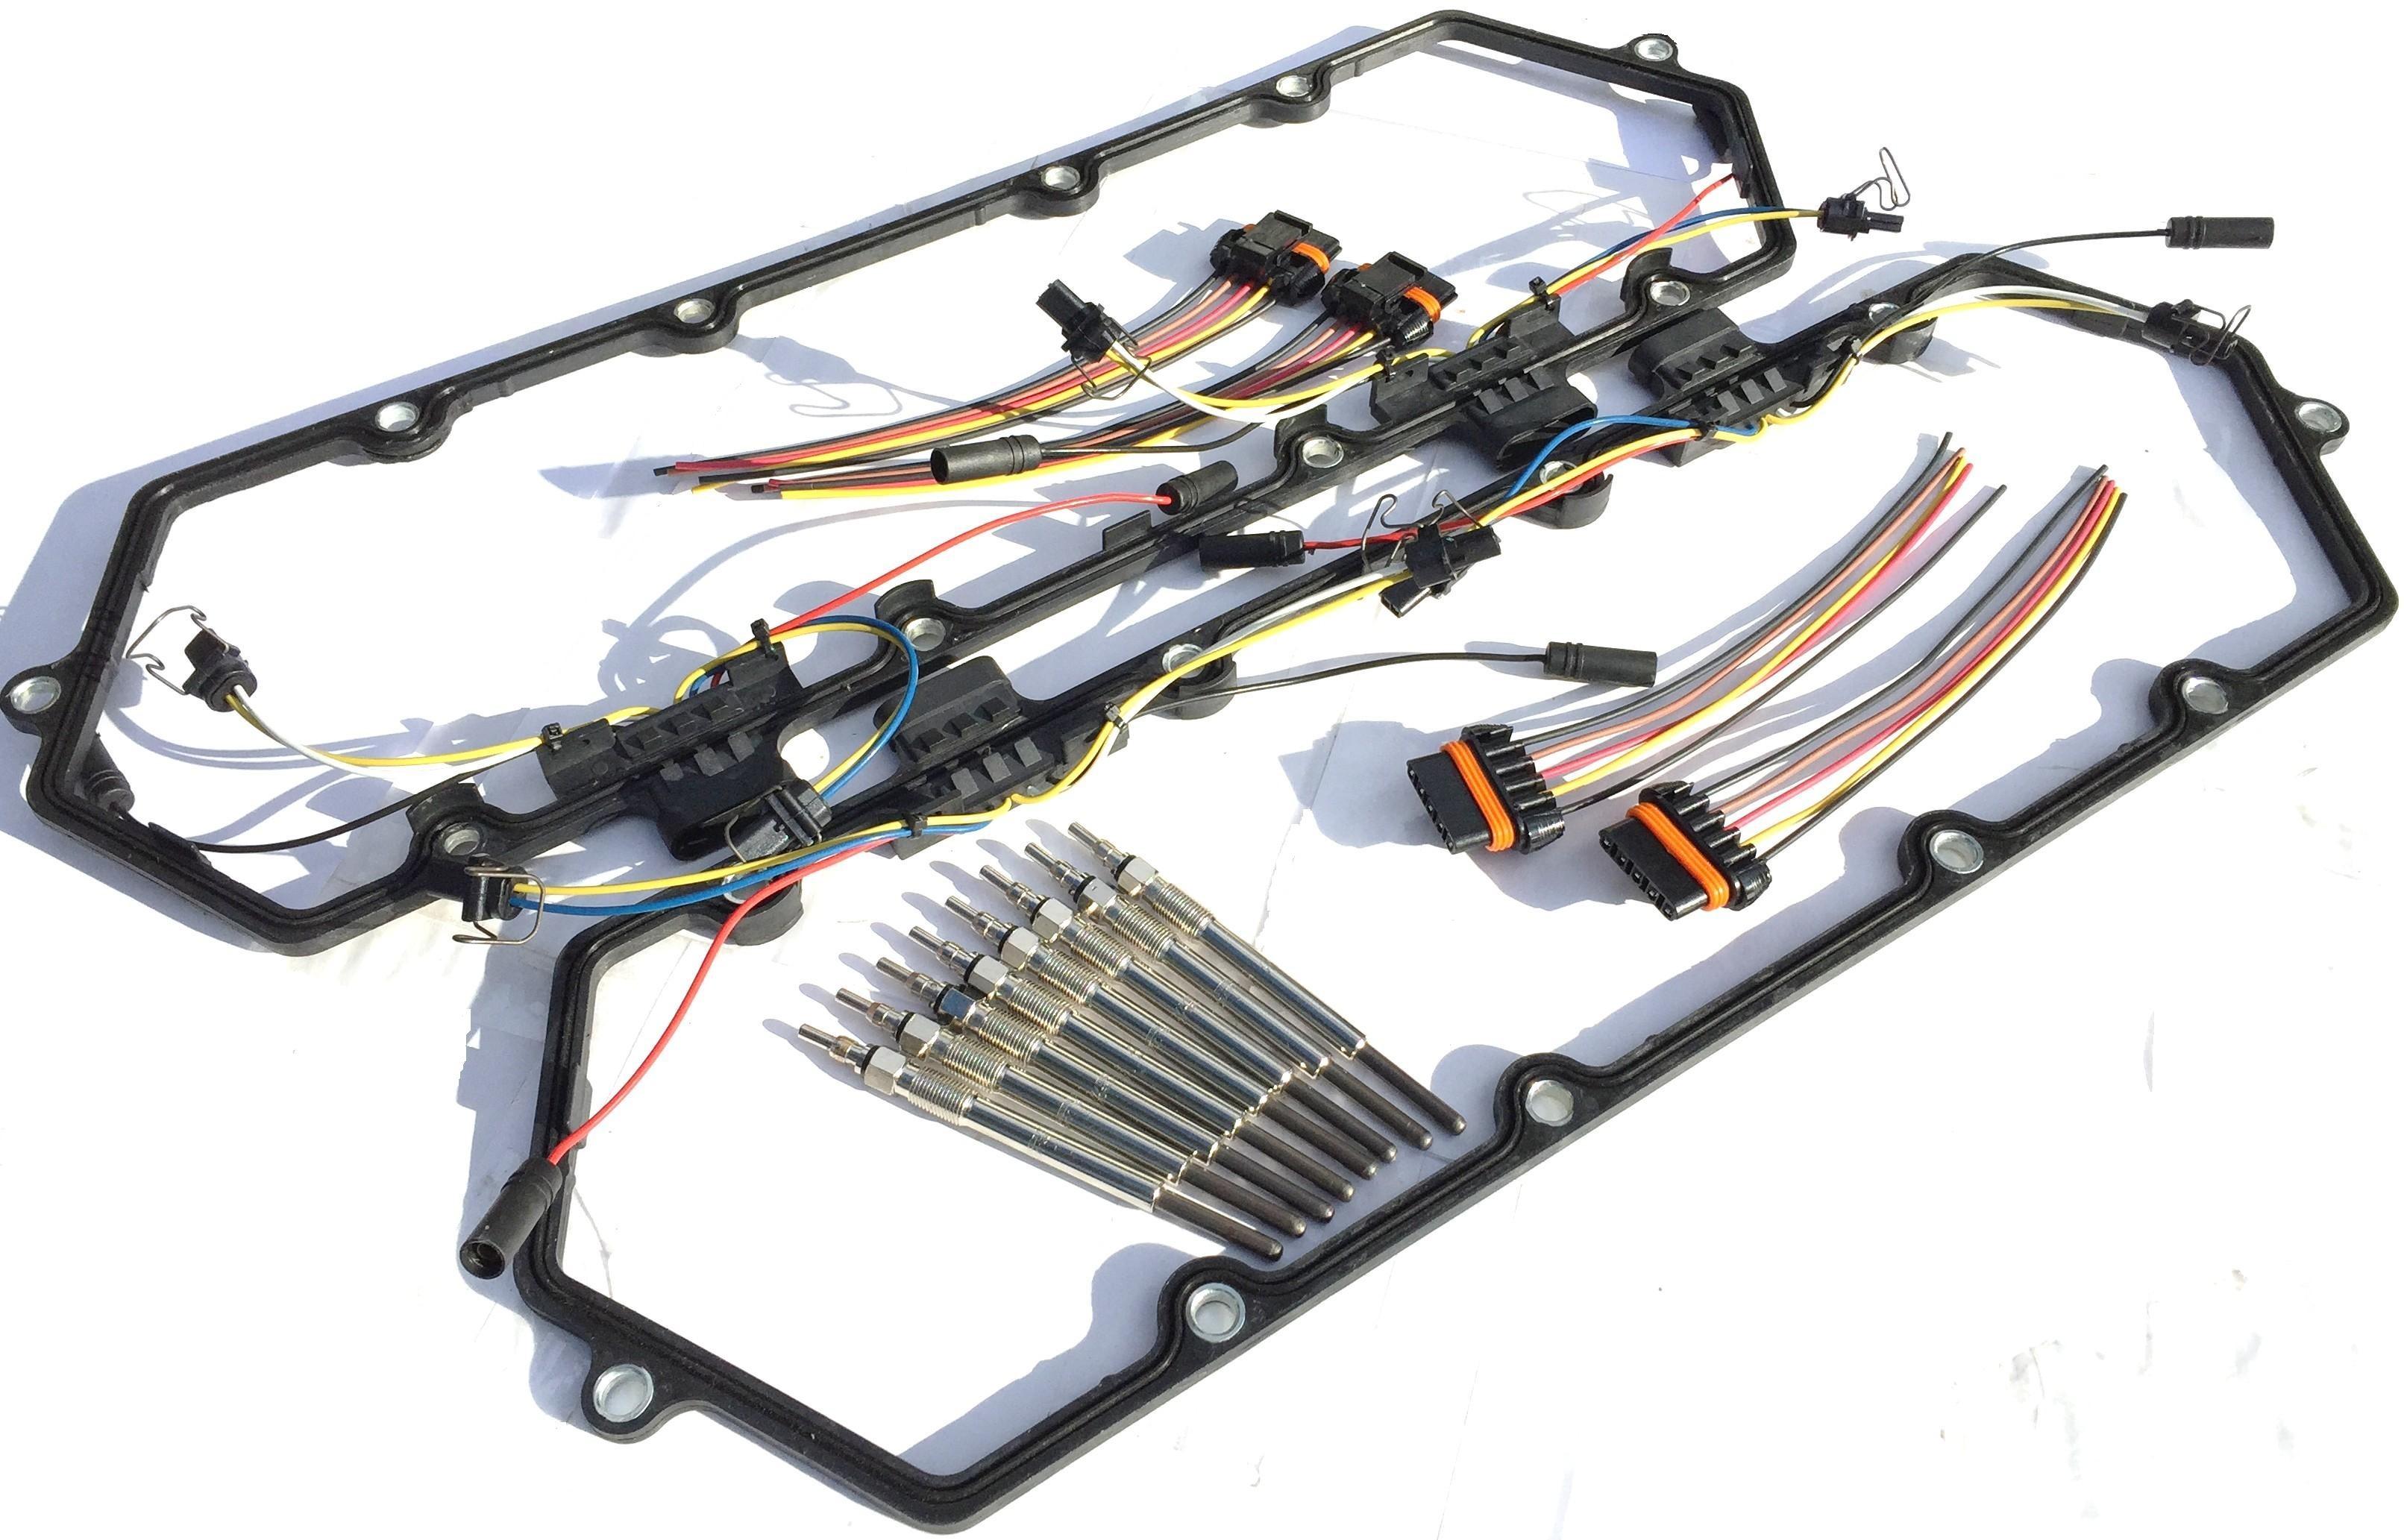 Ford 7 3 Diesel Engine Diagram 2 ford 7 3 Glow Plug Wiring Diagram In  Addition